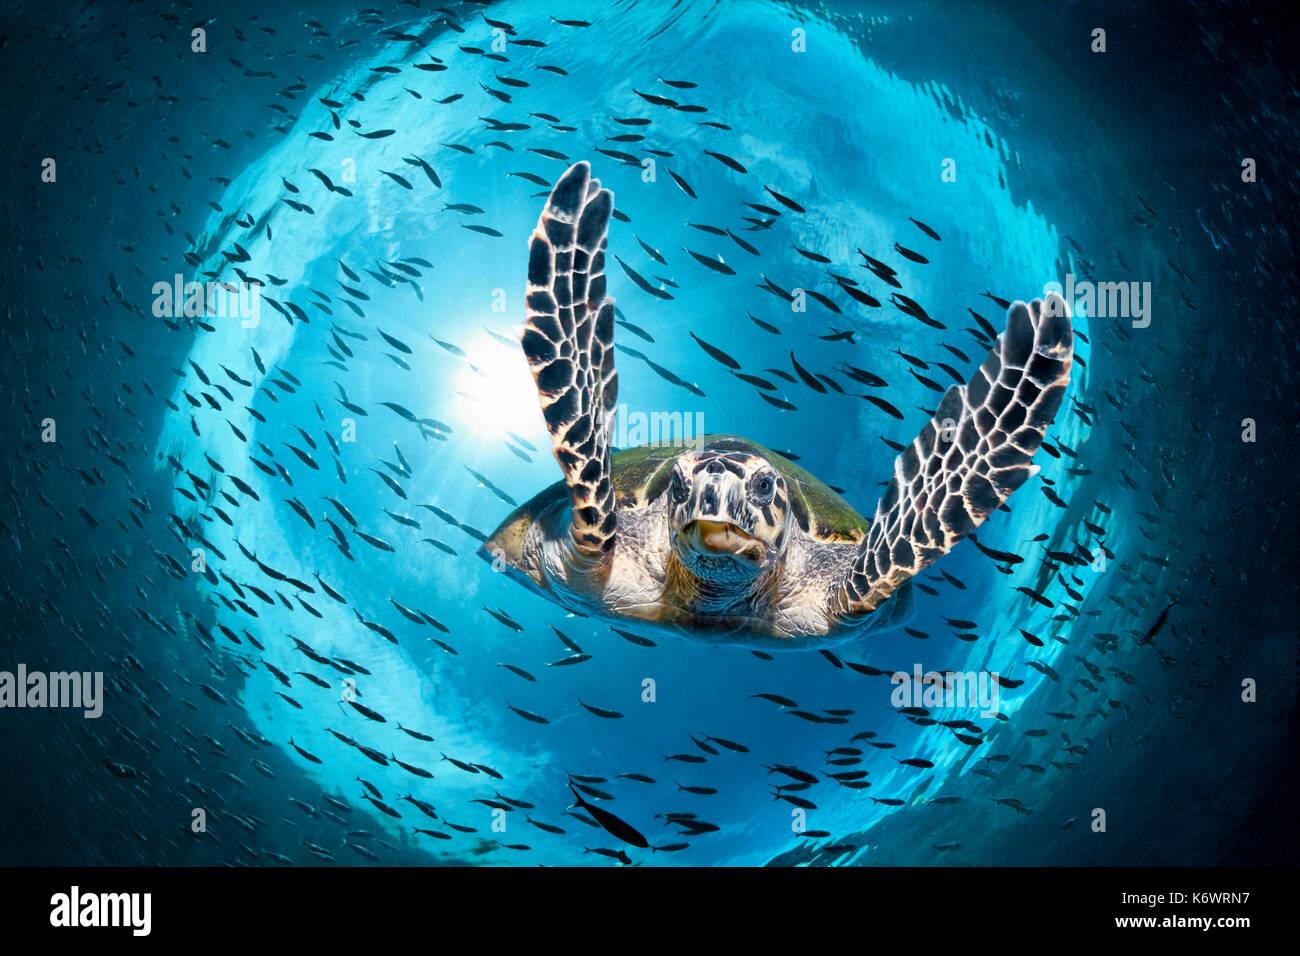 Suppenschildkröte (Chelonia mydas) tauchen unter, Backlit, Fisch Schwarm, Totalreflexion, Great Barrier Reef, UNESCO Stockbild